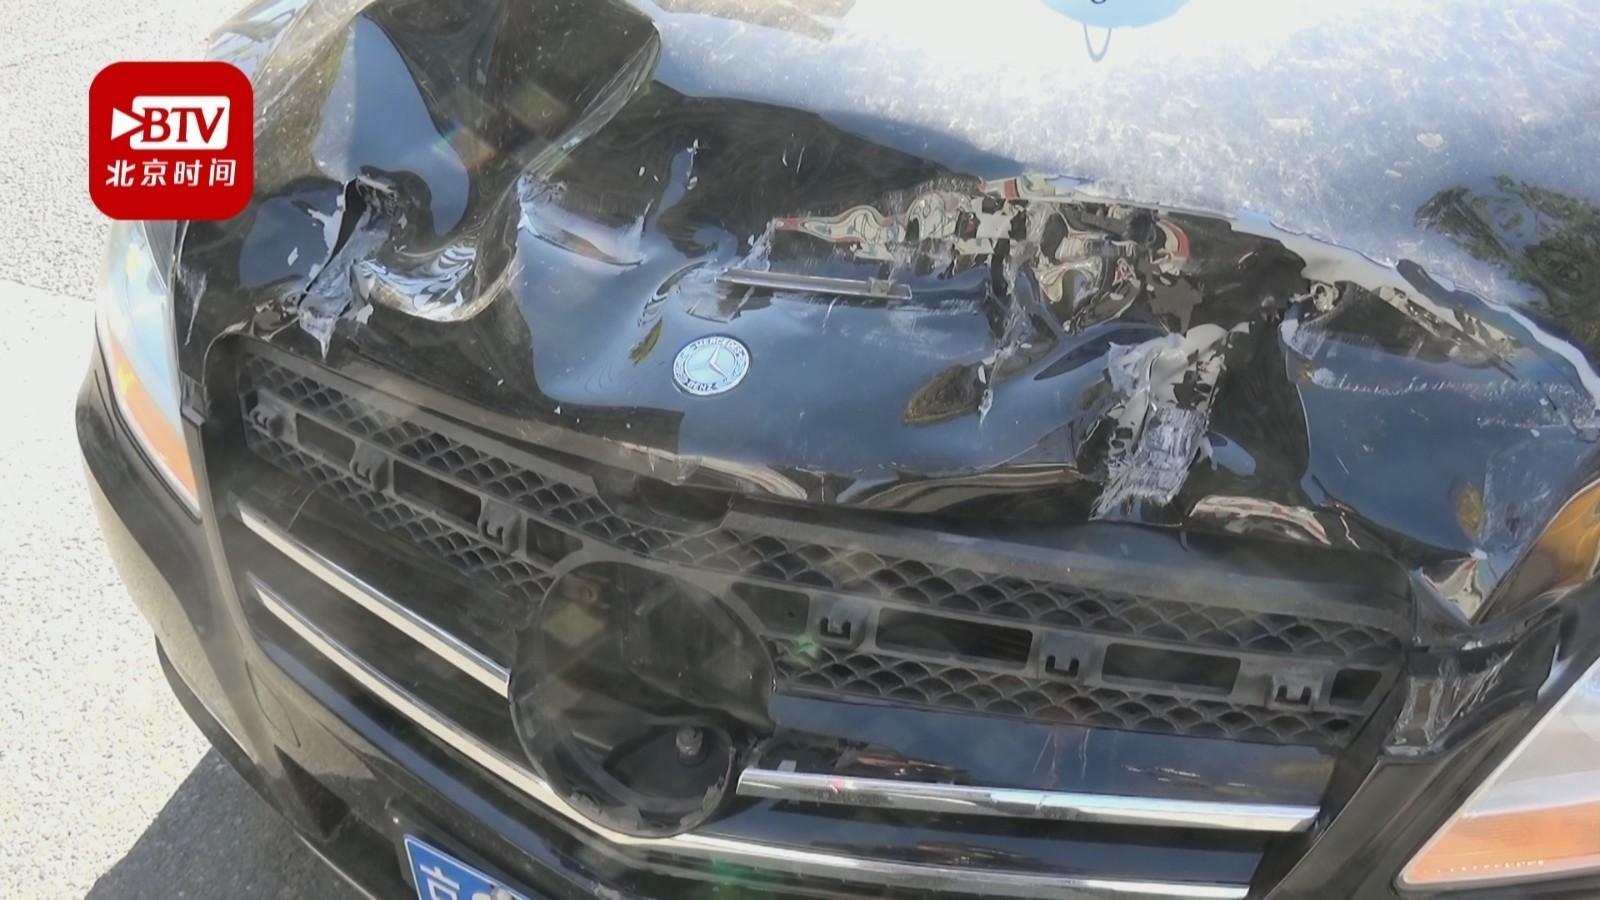 前车避险急刹车 后车跟车过近酿追尾